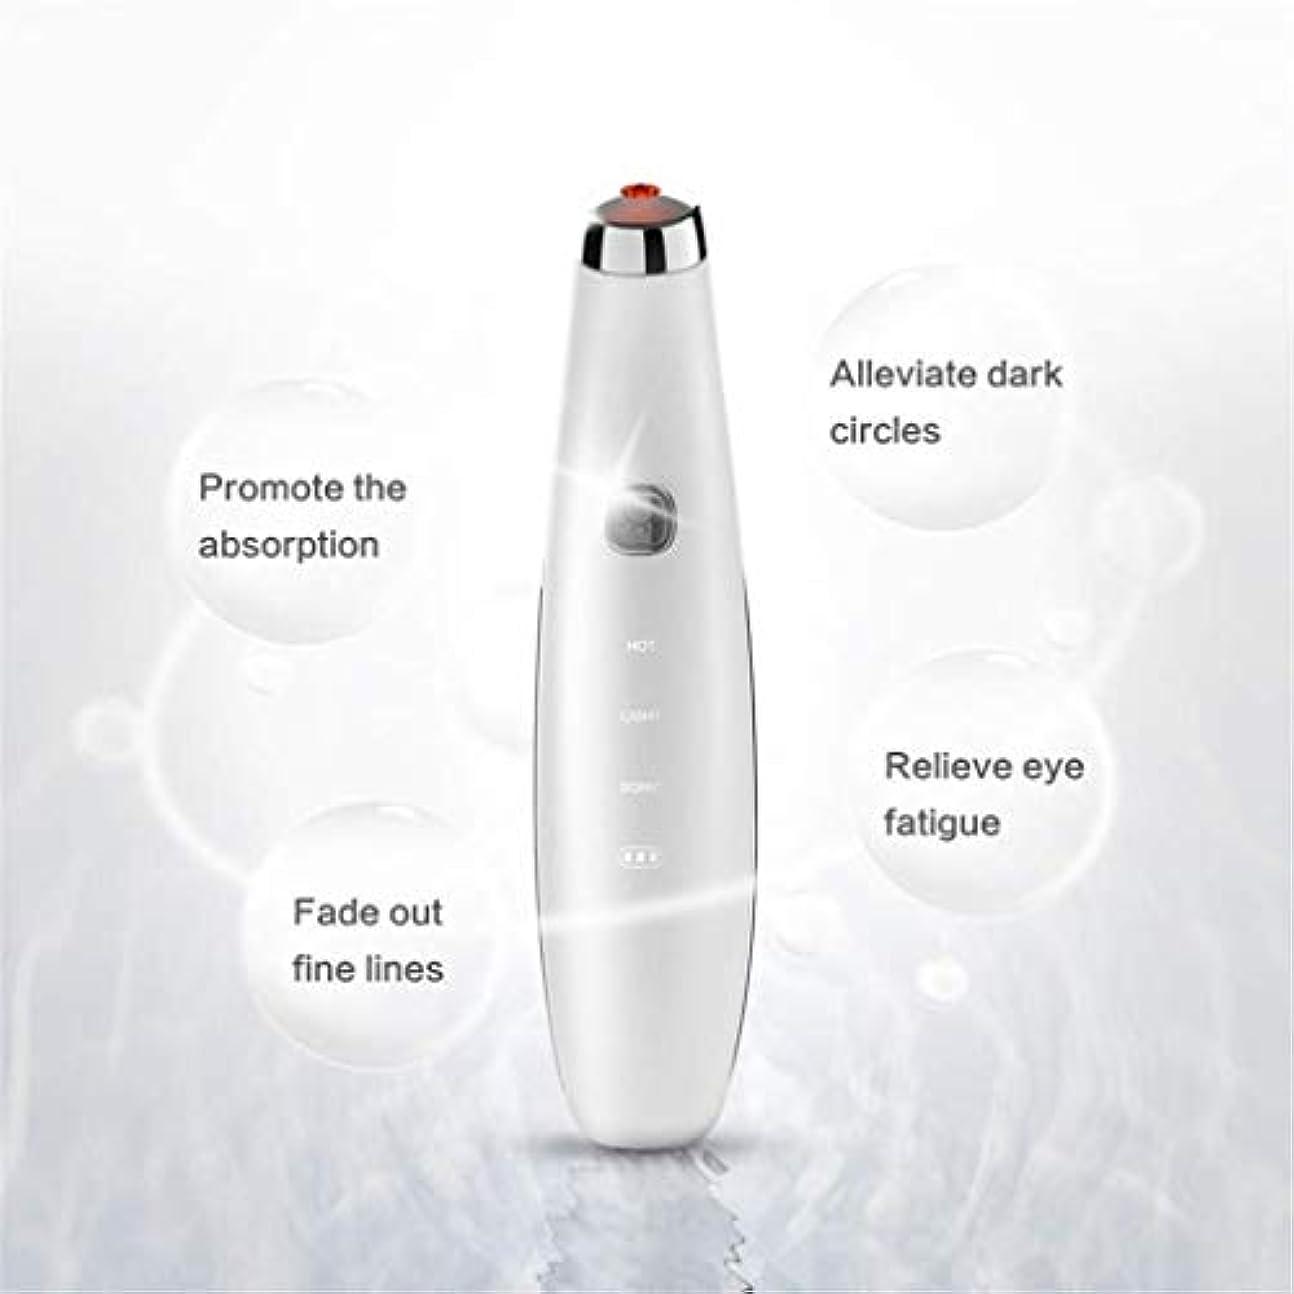 仕える静かな休眠アイマッサージャー、磁気アンチエイジングフェイシャルマッサージ、42°恒温熱処理、肌を引き締め、ダークサークルを改善し、目の下の袋、鈍い肌